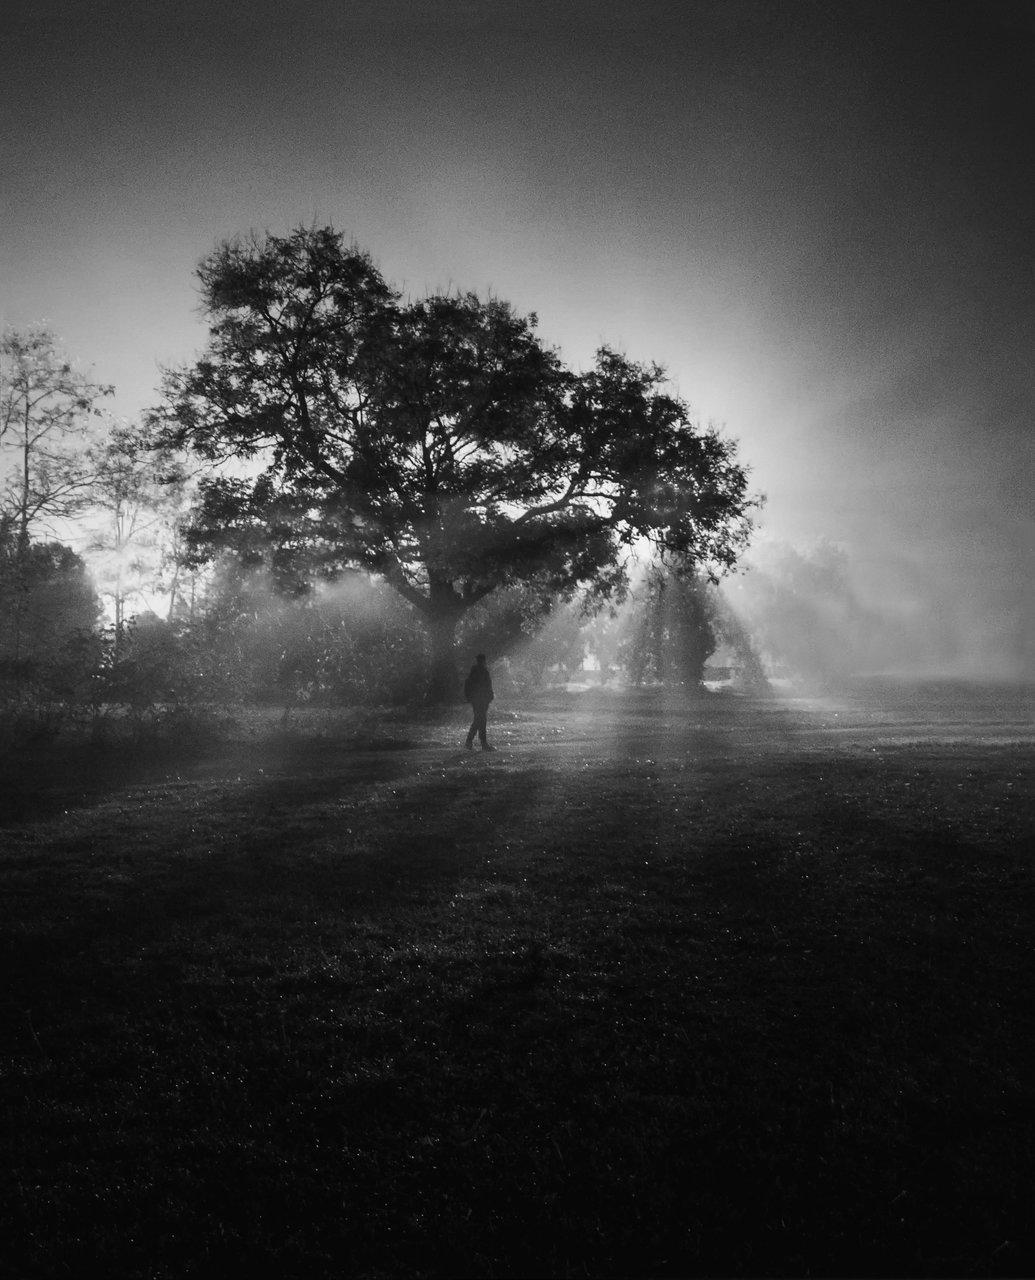 Някъде, някога | Author Ellinka | PHOTO FORUM